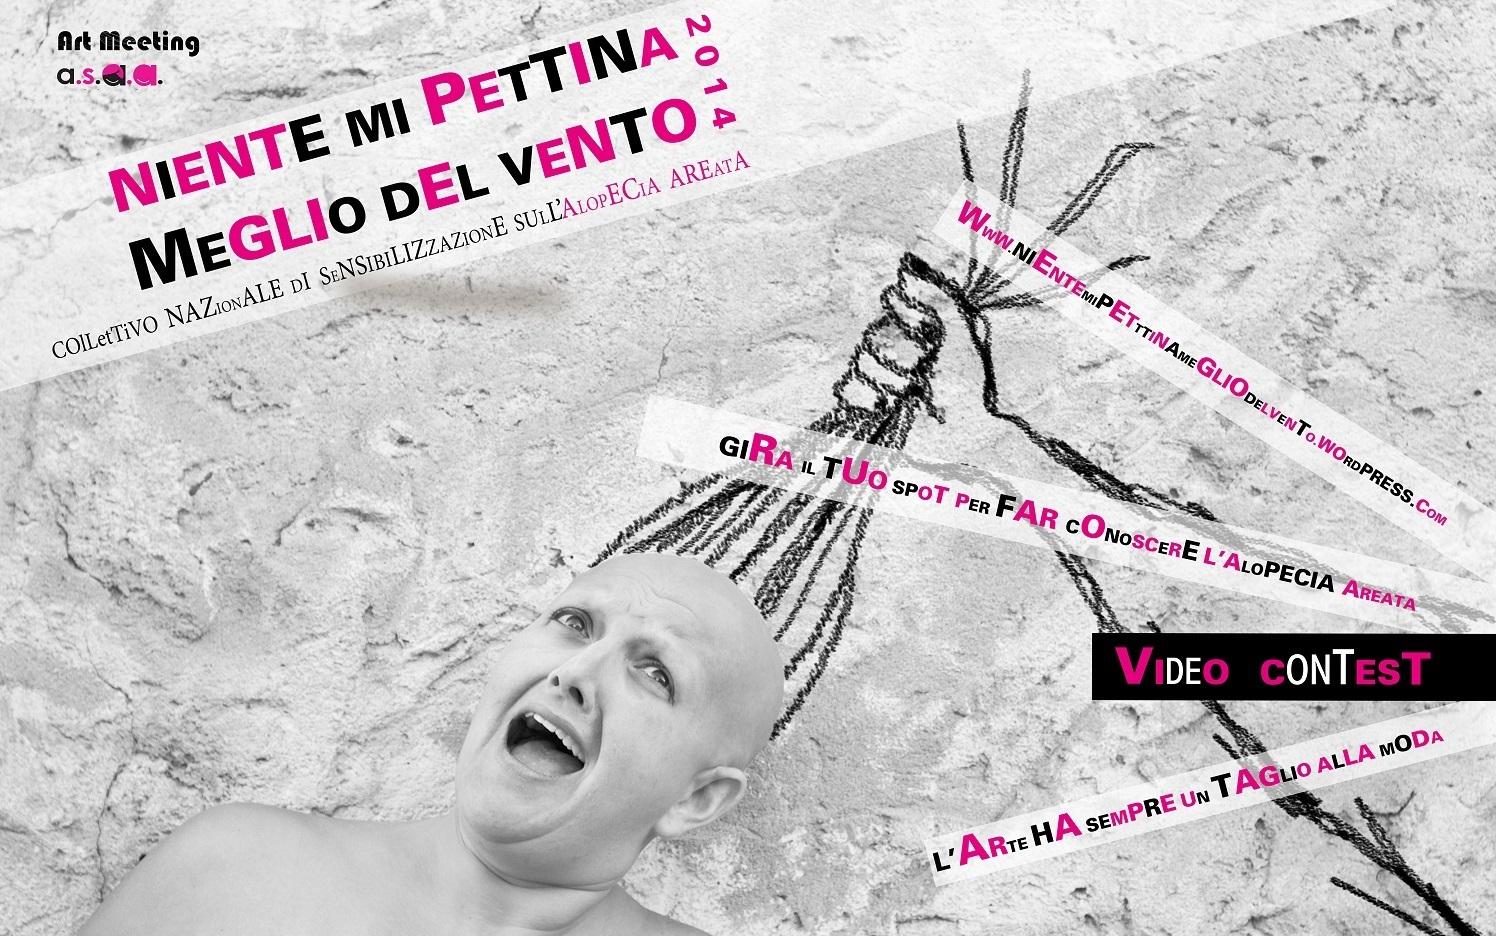 """Contest """"Niente mi pettina meglio del vento 2014"""": gira il tuo spot per far conoscere l'Alopecia Areata"""